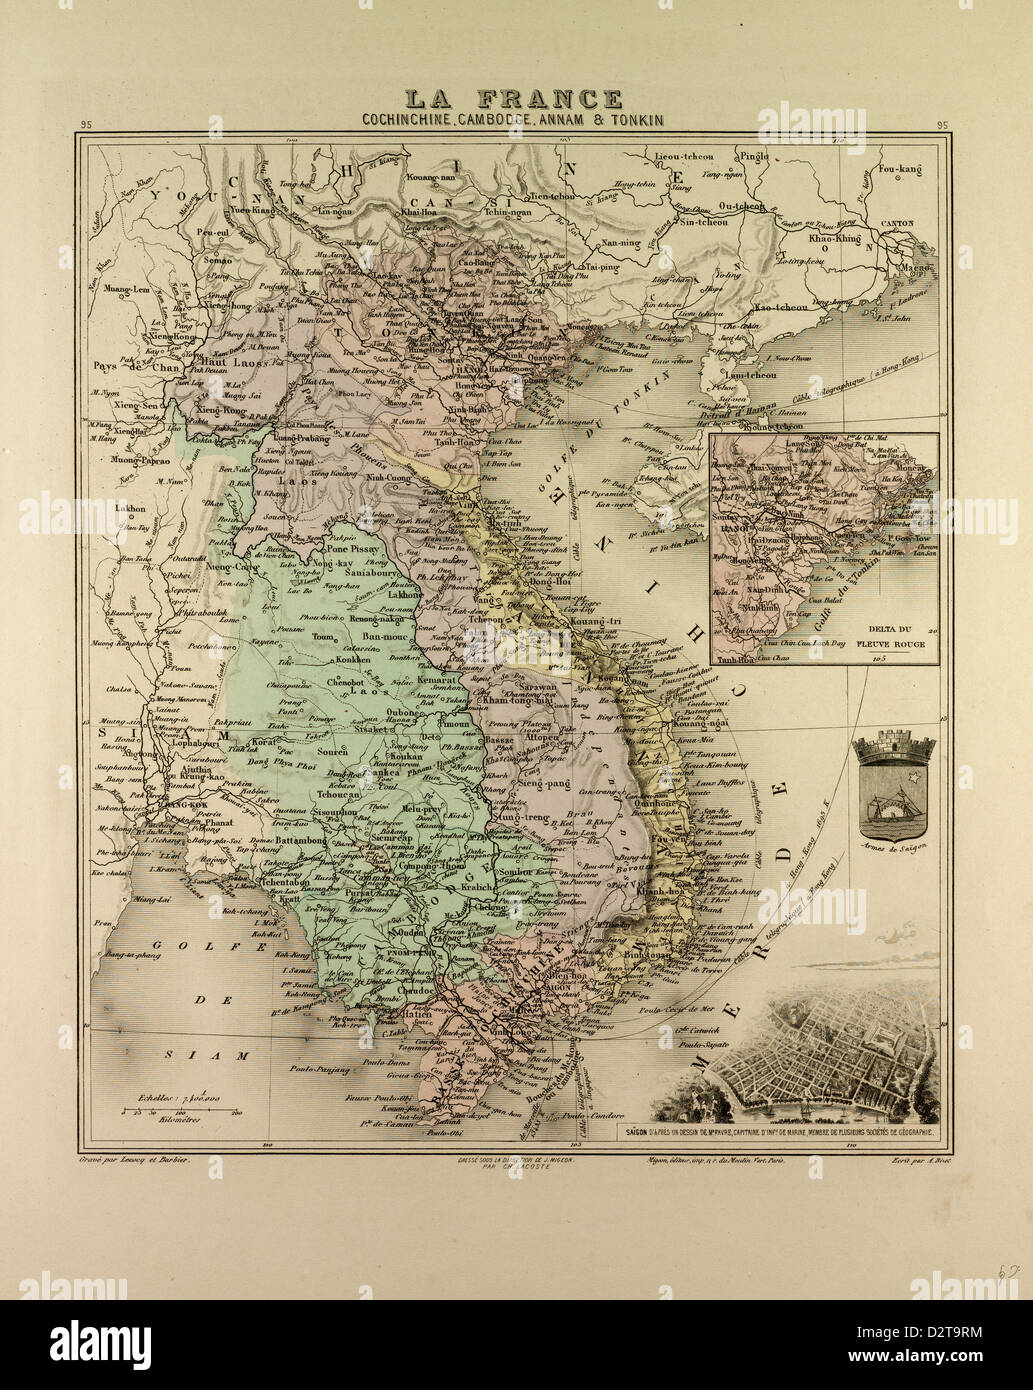 Karte Thailand Kambodscha.Karte Von Vietnam Kambodscha Thailand Laos 1896 Stockfoto Bild